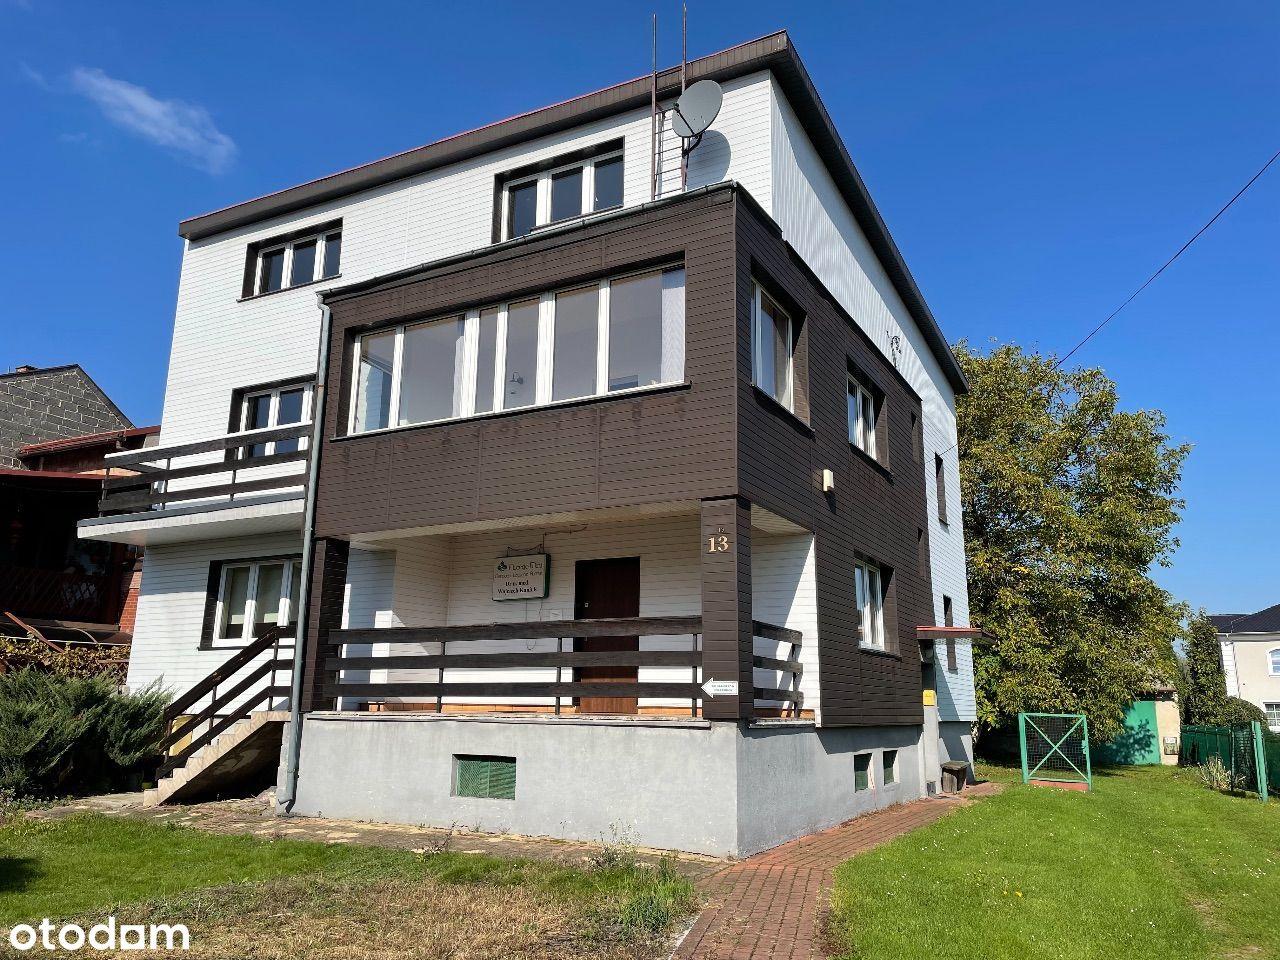 Dom dla 2 rodzin / firma + mieszkanie / 1 rodzinny